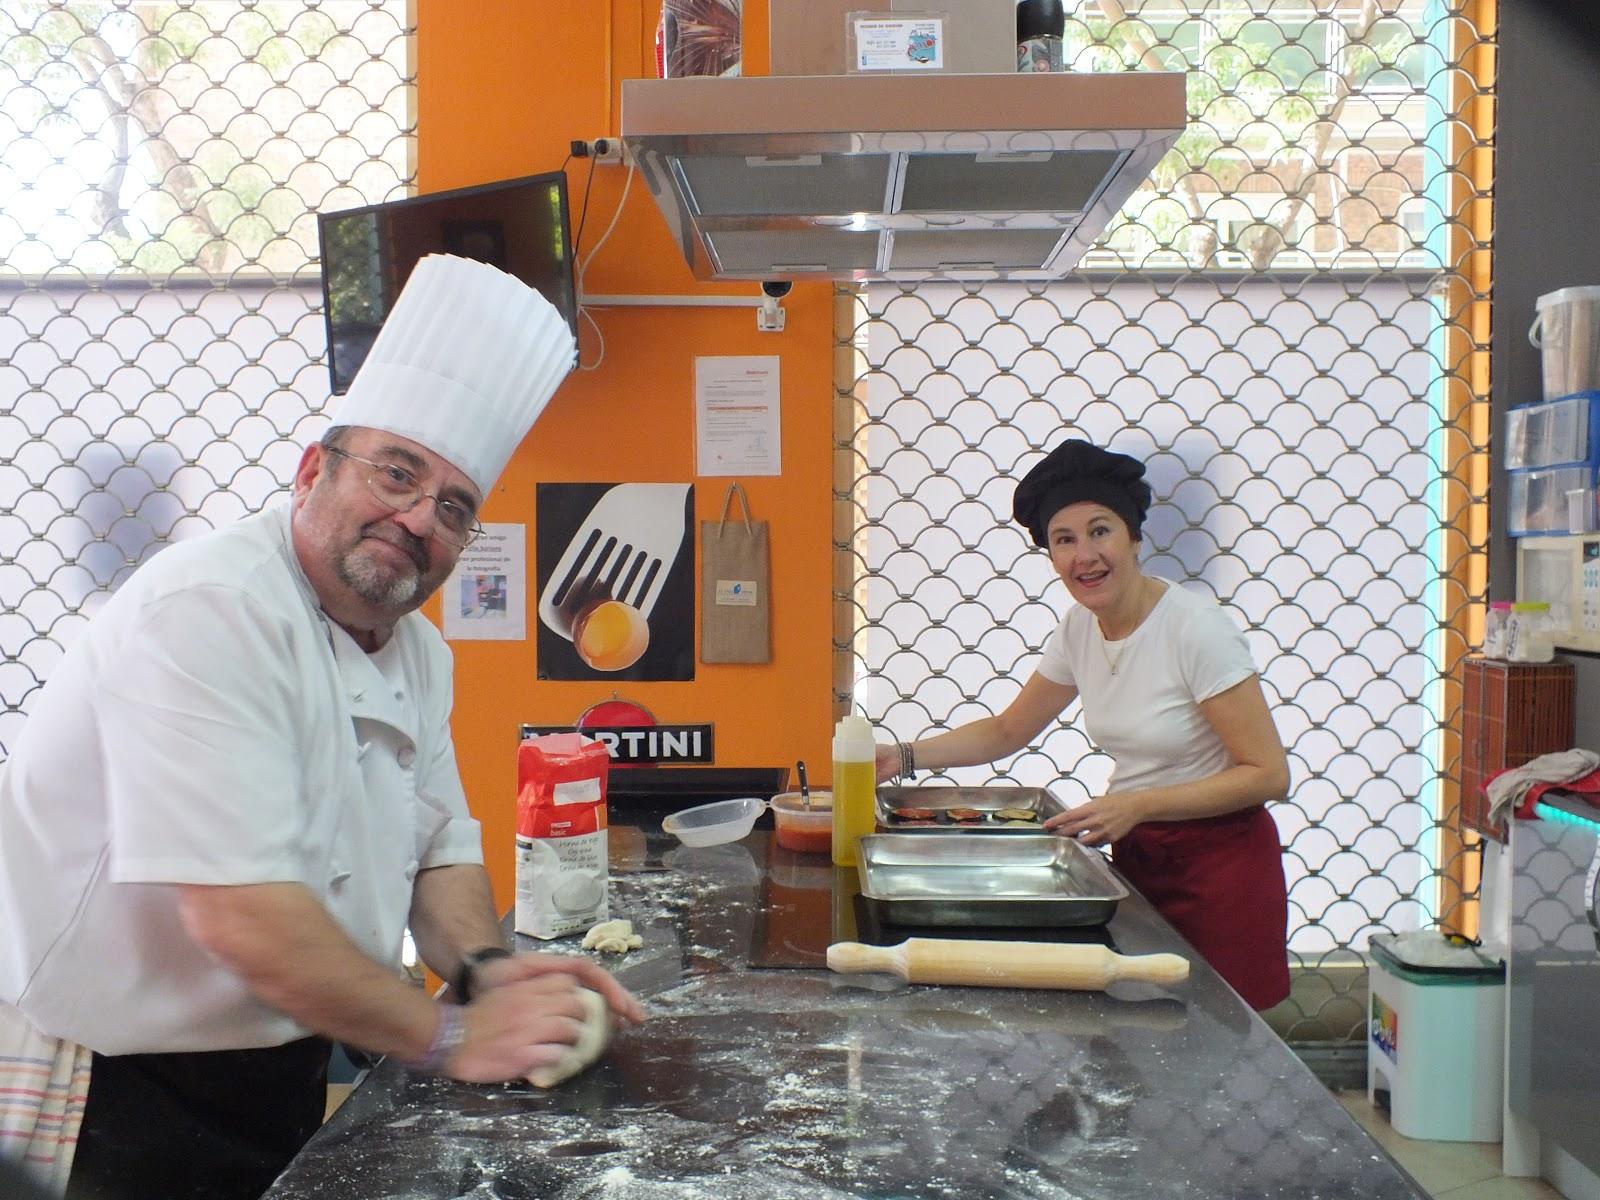 Escuela de cocina pako amor for Haciendo el amor en la cocina